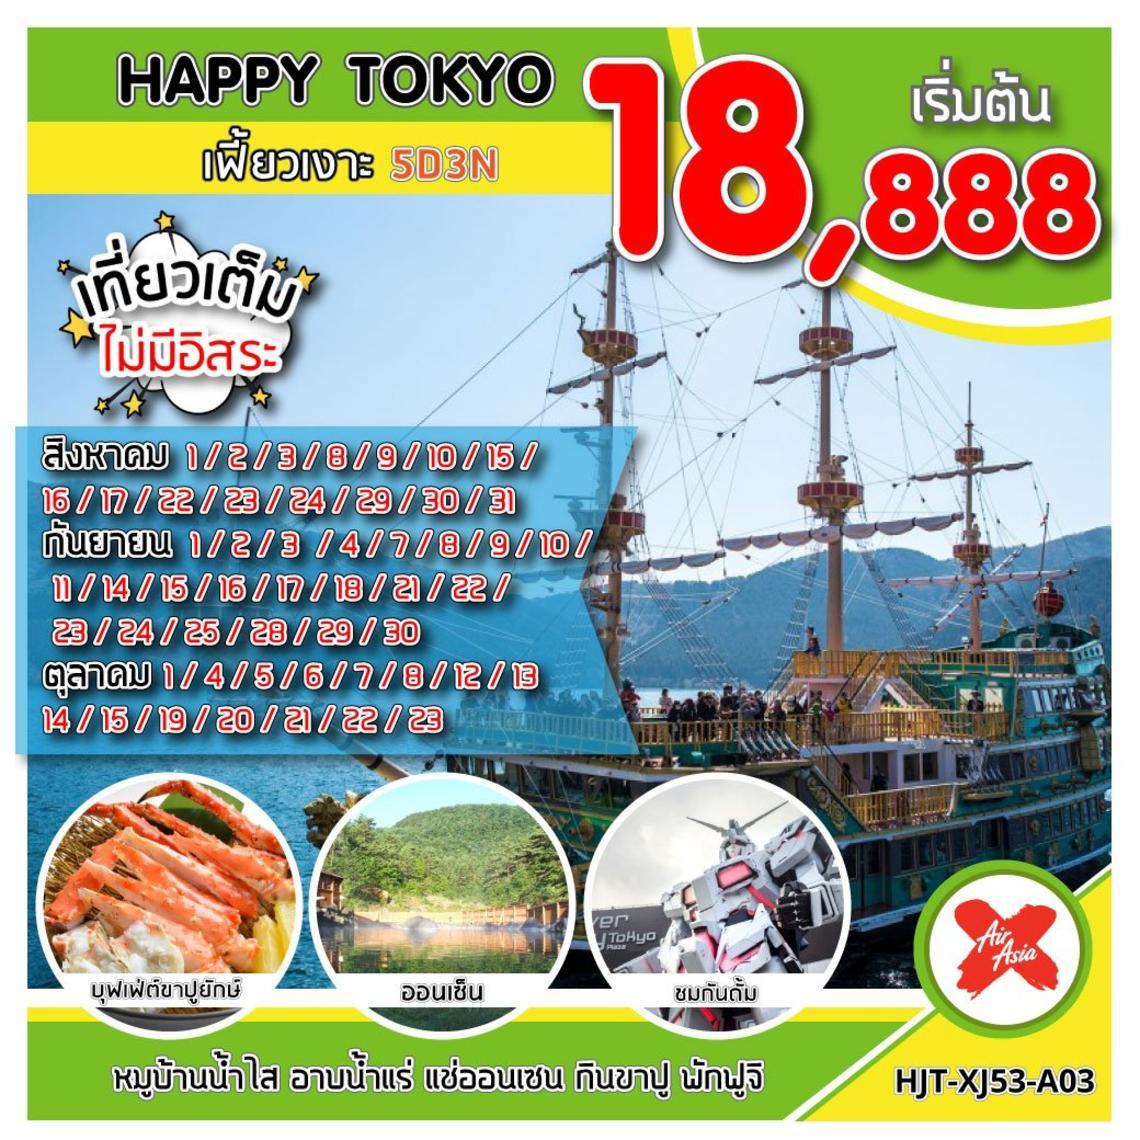 ทัวร์โตเกียว HJT-XJ53-A03 HAPPY TOKYO เฟี้ยวเงาะ